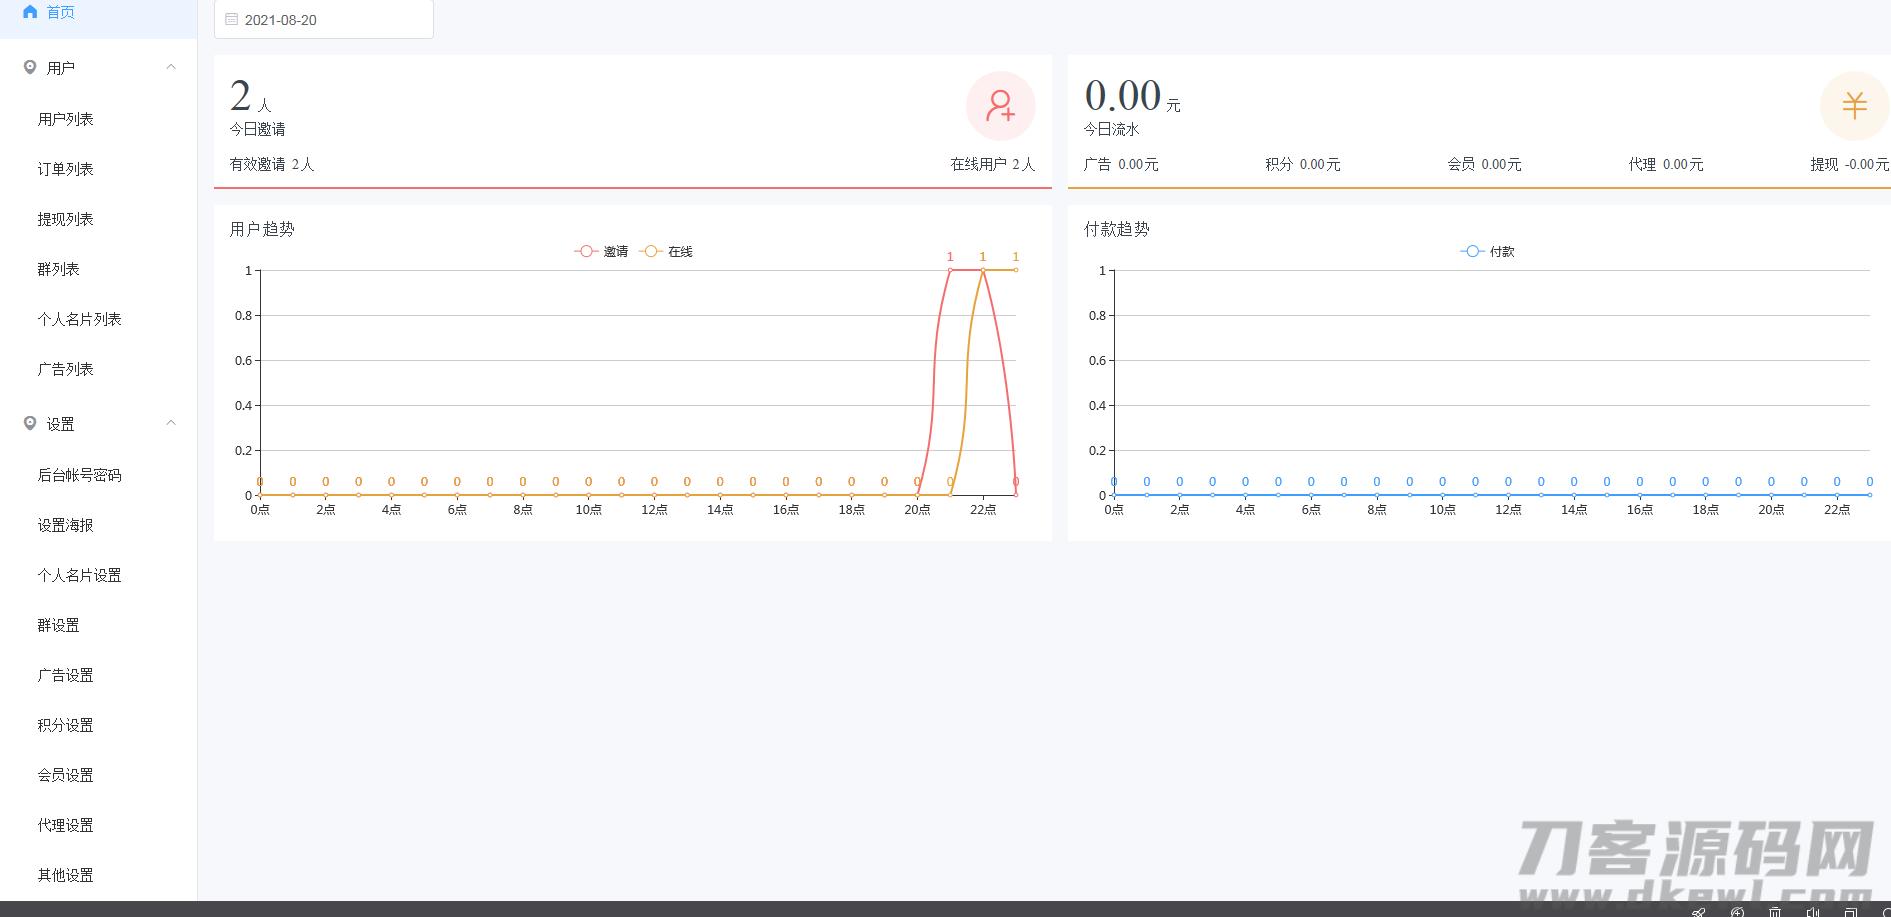 疯狂群系统独立3.1.2版微信社区人脉系统社区空间站PHP源代码